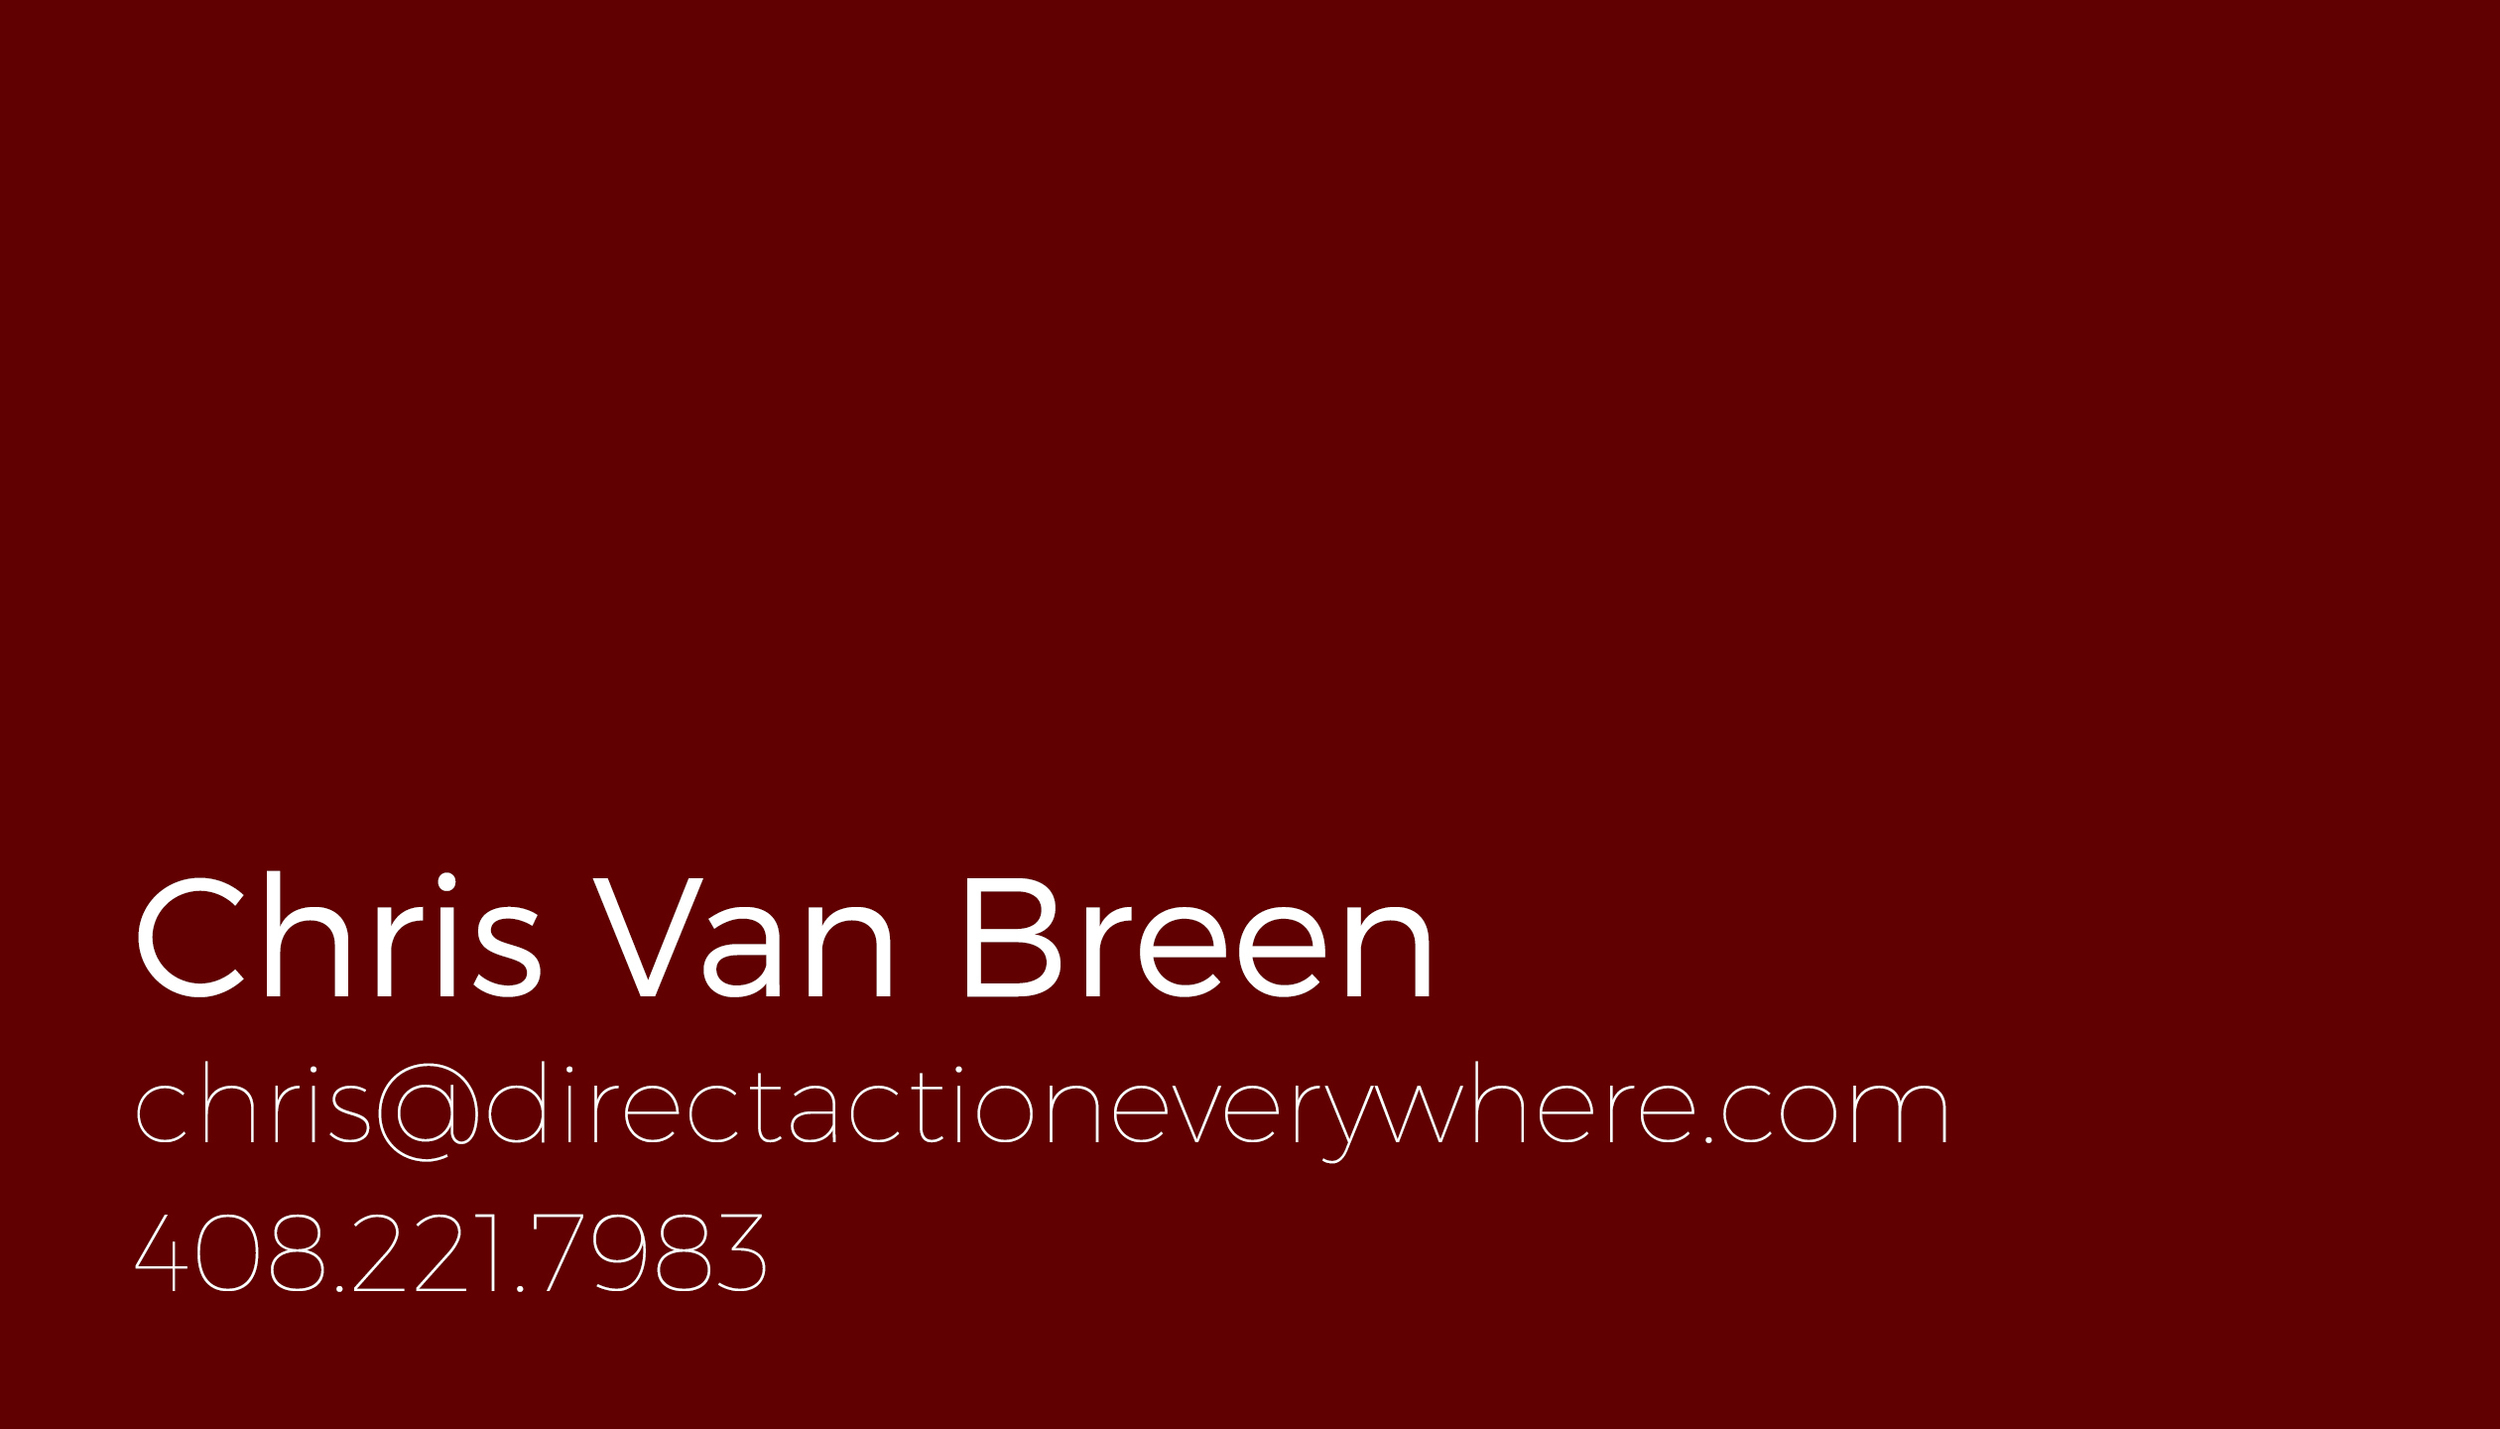 Business Cards Back CVB false number.jpg